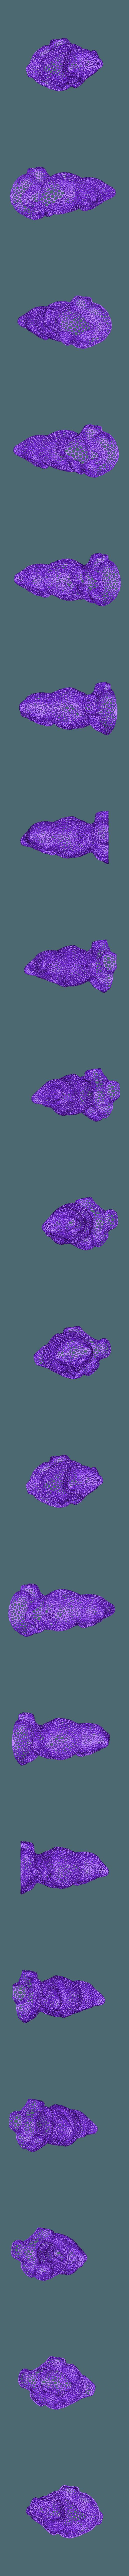 OwlVoronoiSupportless.stl Télécharger fichier STL gratuit Numérisation 3D de la statue de hibou (style Voronoï) • Objet à imprimer en 3D, 3DWP